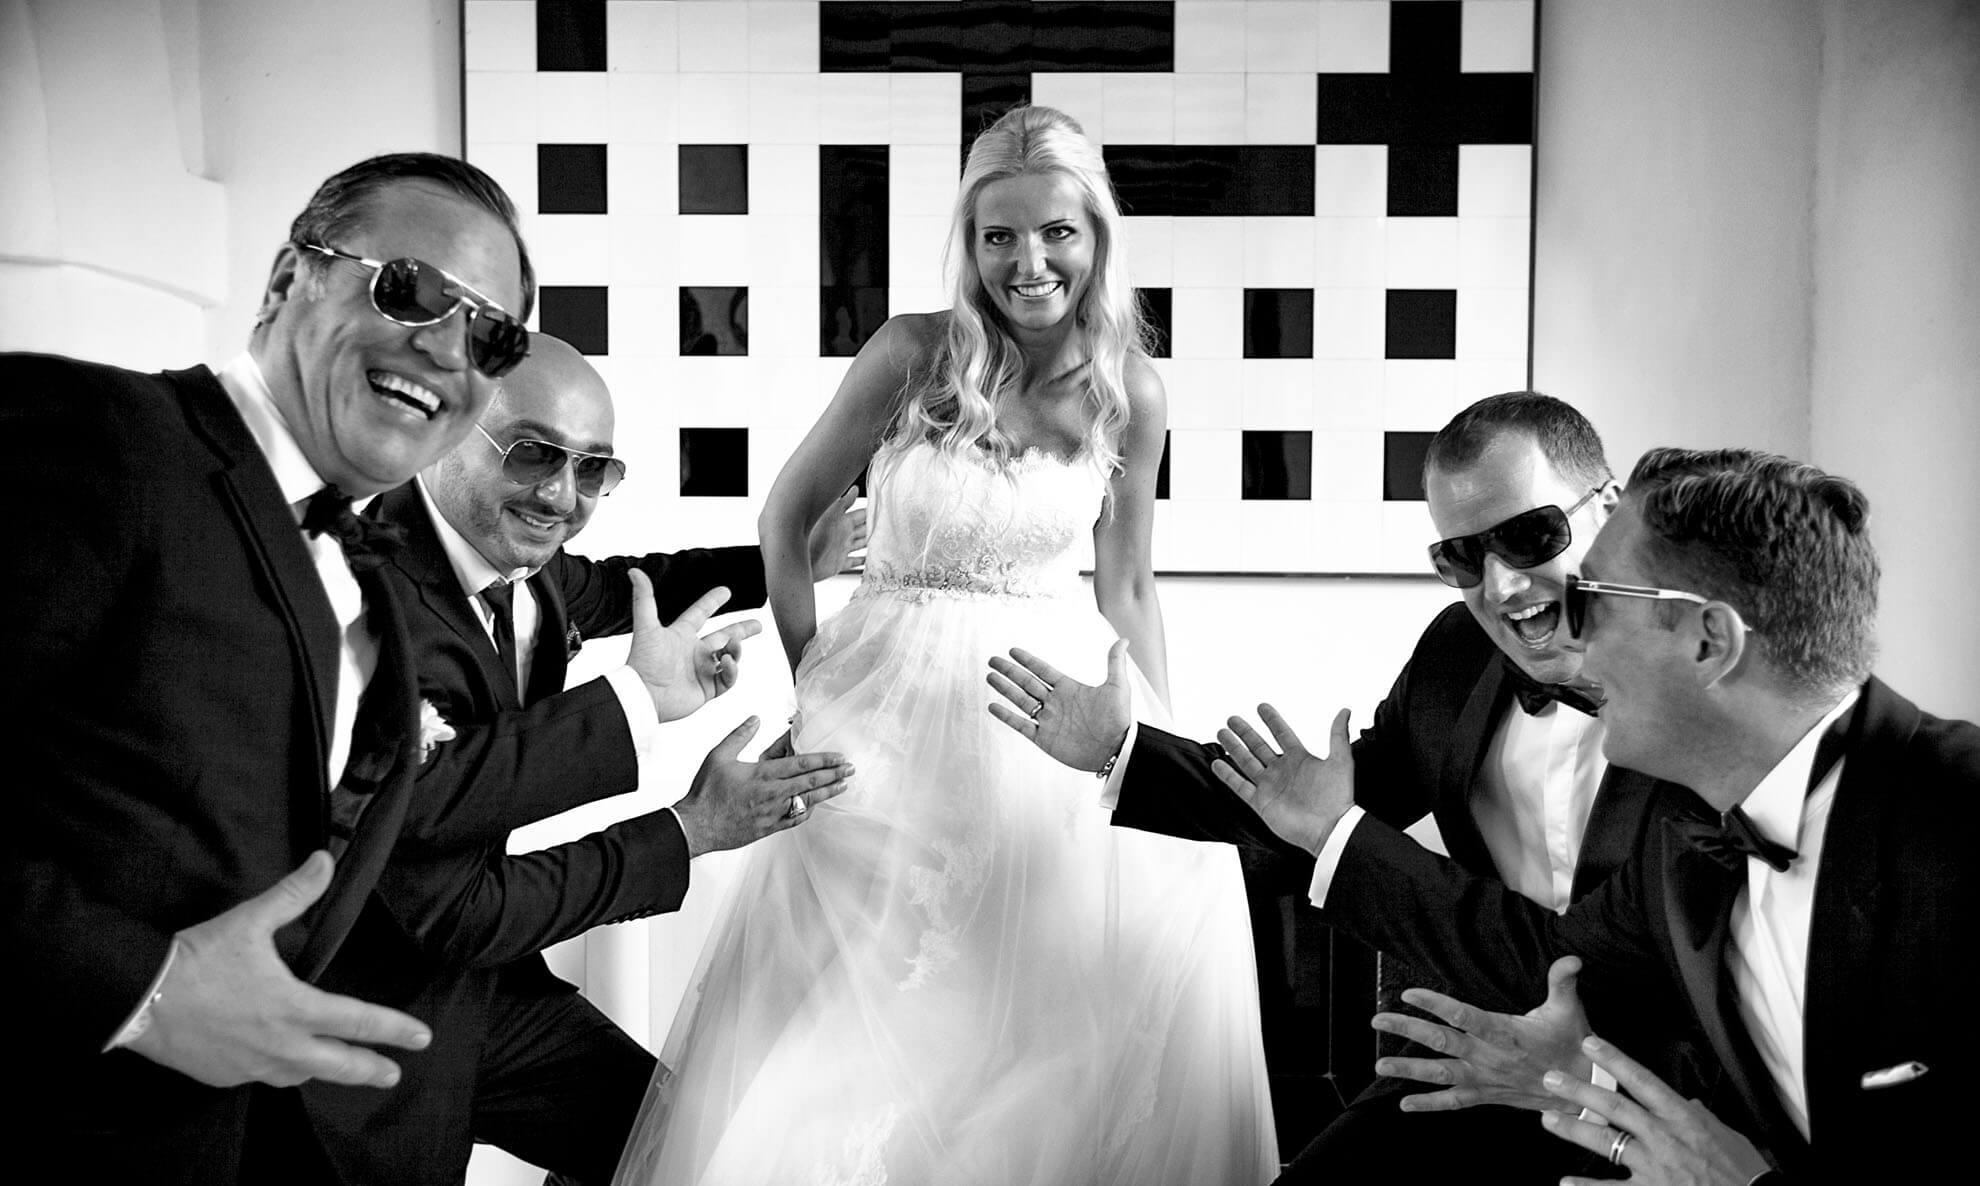 Hochzeitsfeier Auf Mallorca Heiraten Und Feiern Auf Mallorca